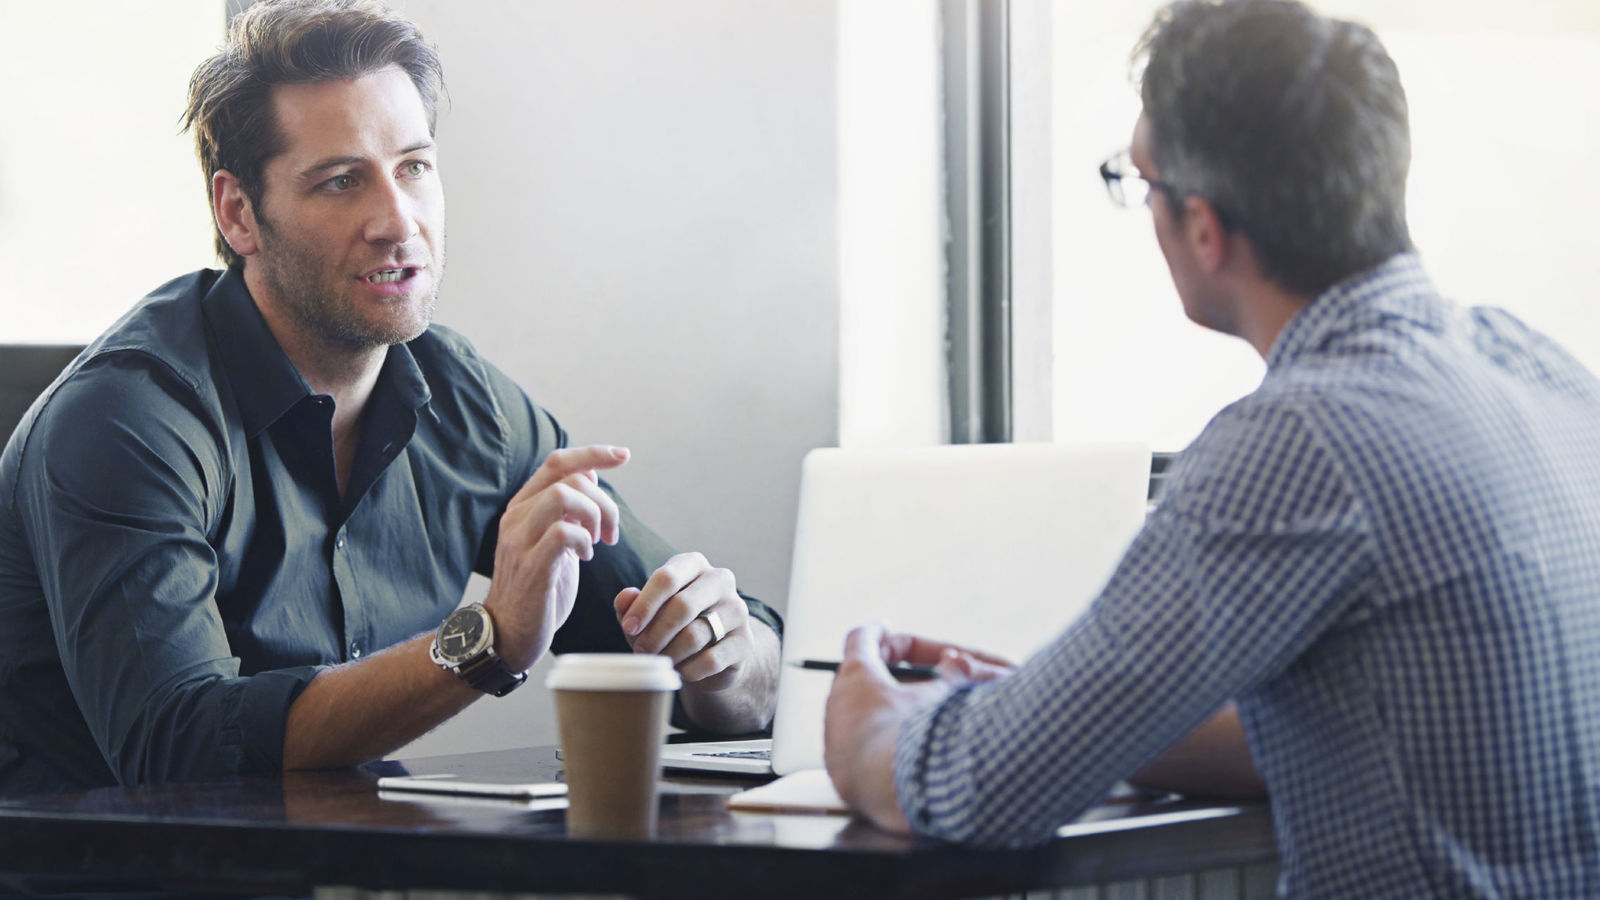 Trabajo: Cómo lidiar con crisis personales